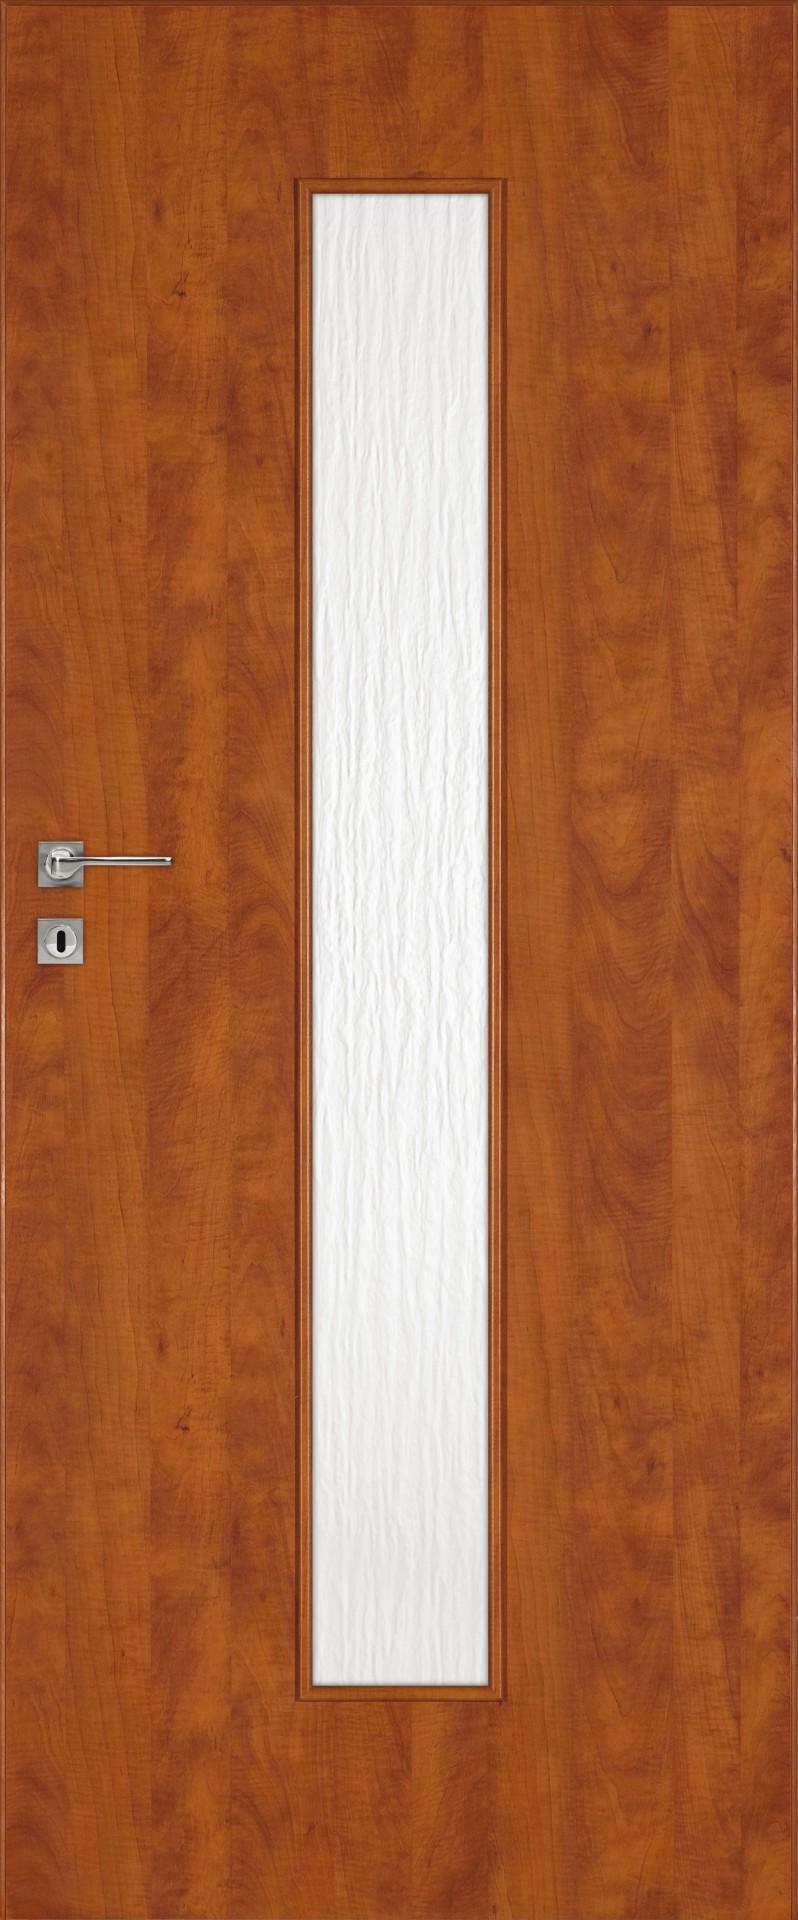 Dre dveře Standard 40, Šíře v cm 70